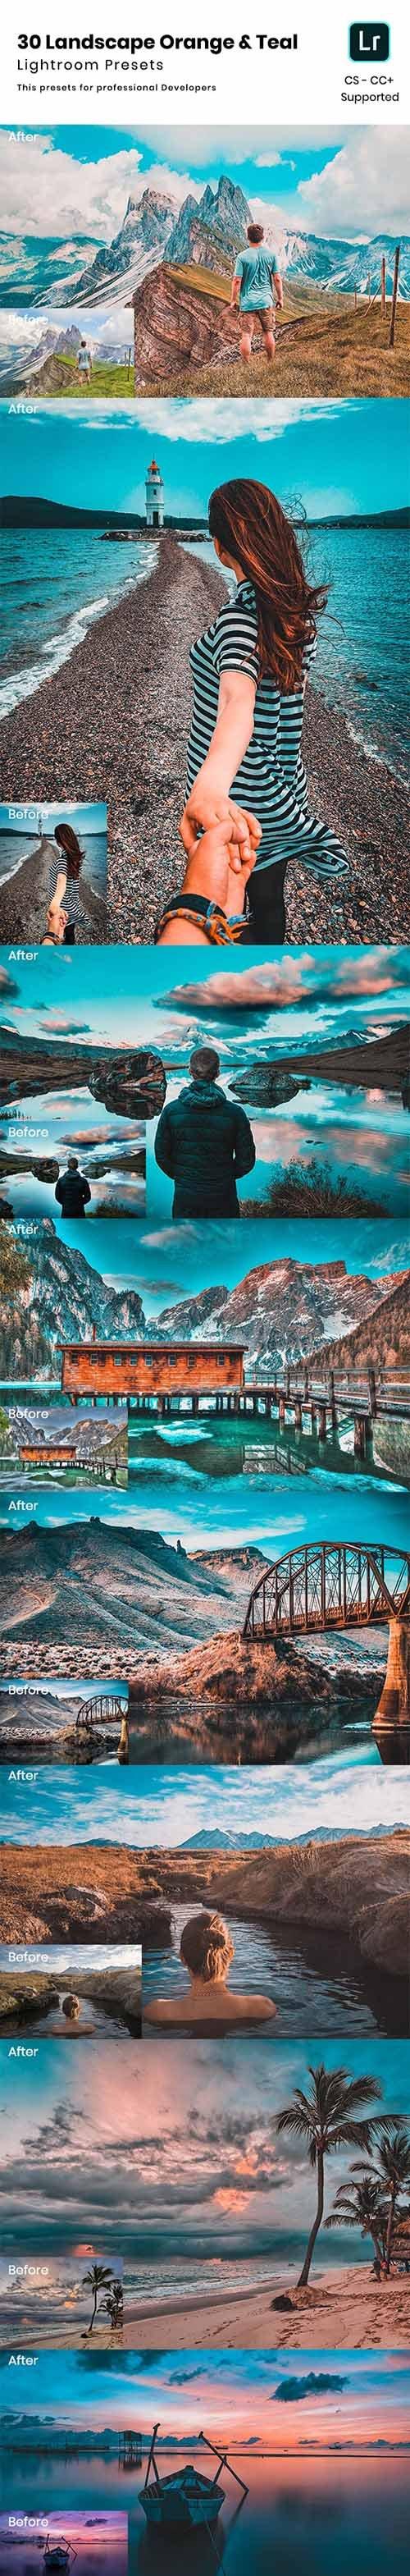 30 Landscape Orange & Teal Lightroom Presets 24075640